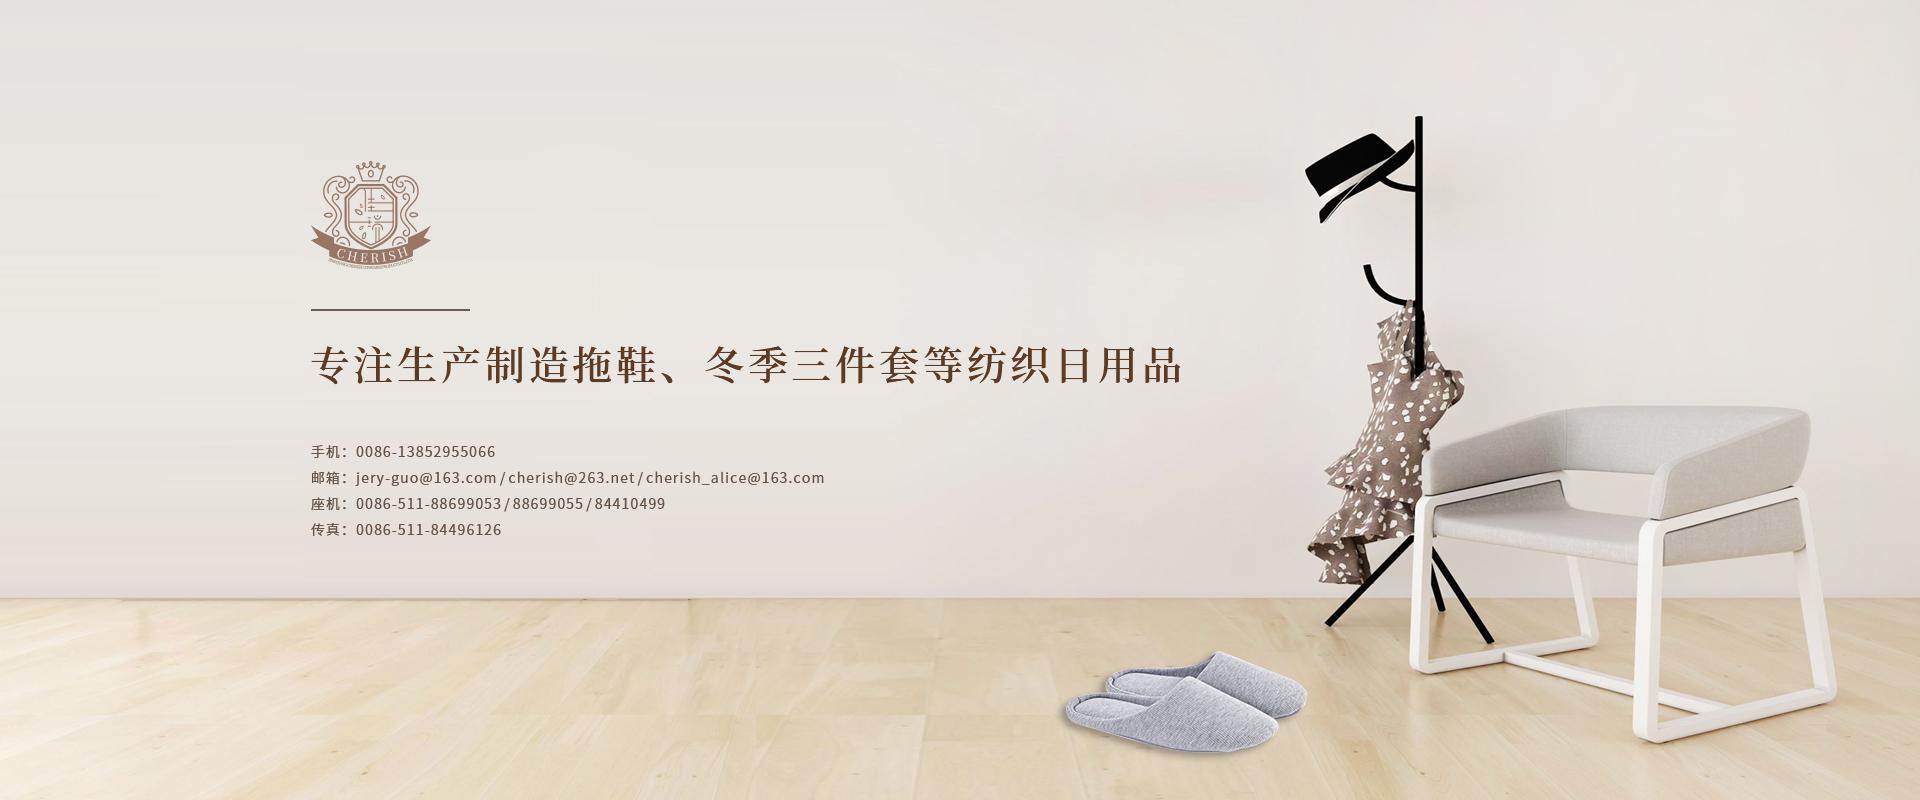 镇江佳瑞日用品有限公司